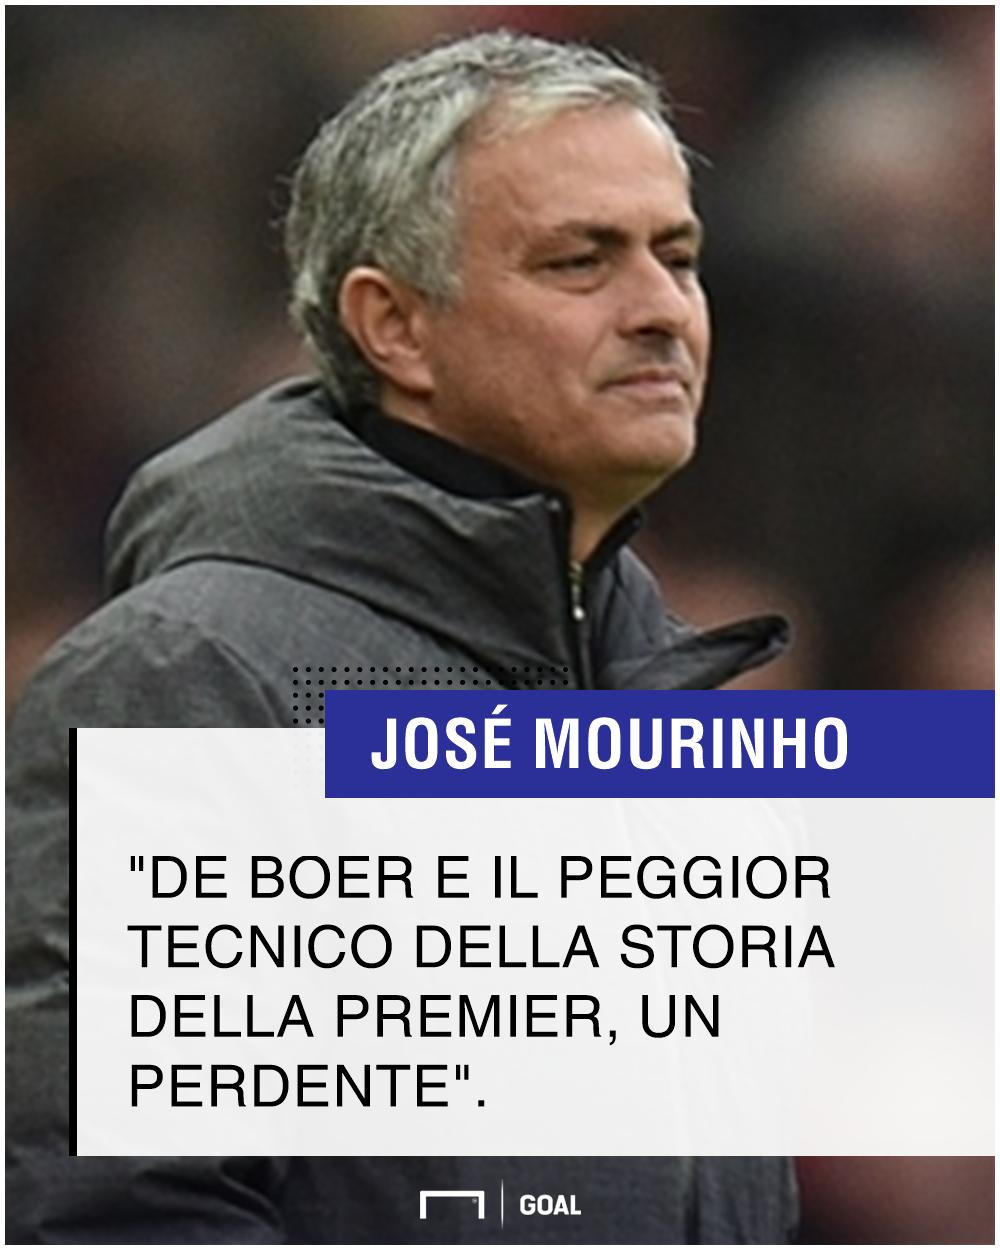 Mourinho risponde a De Boer: 'Il peggiore nella storia della Premier'